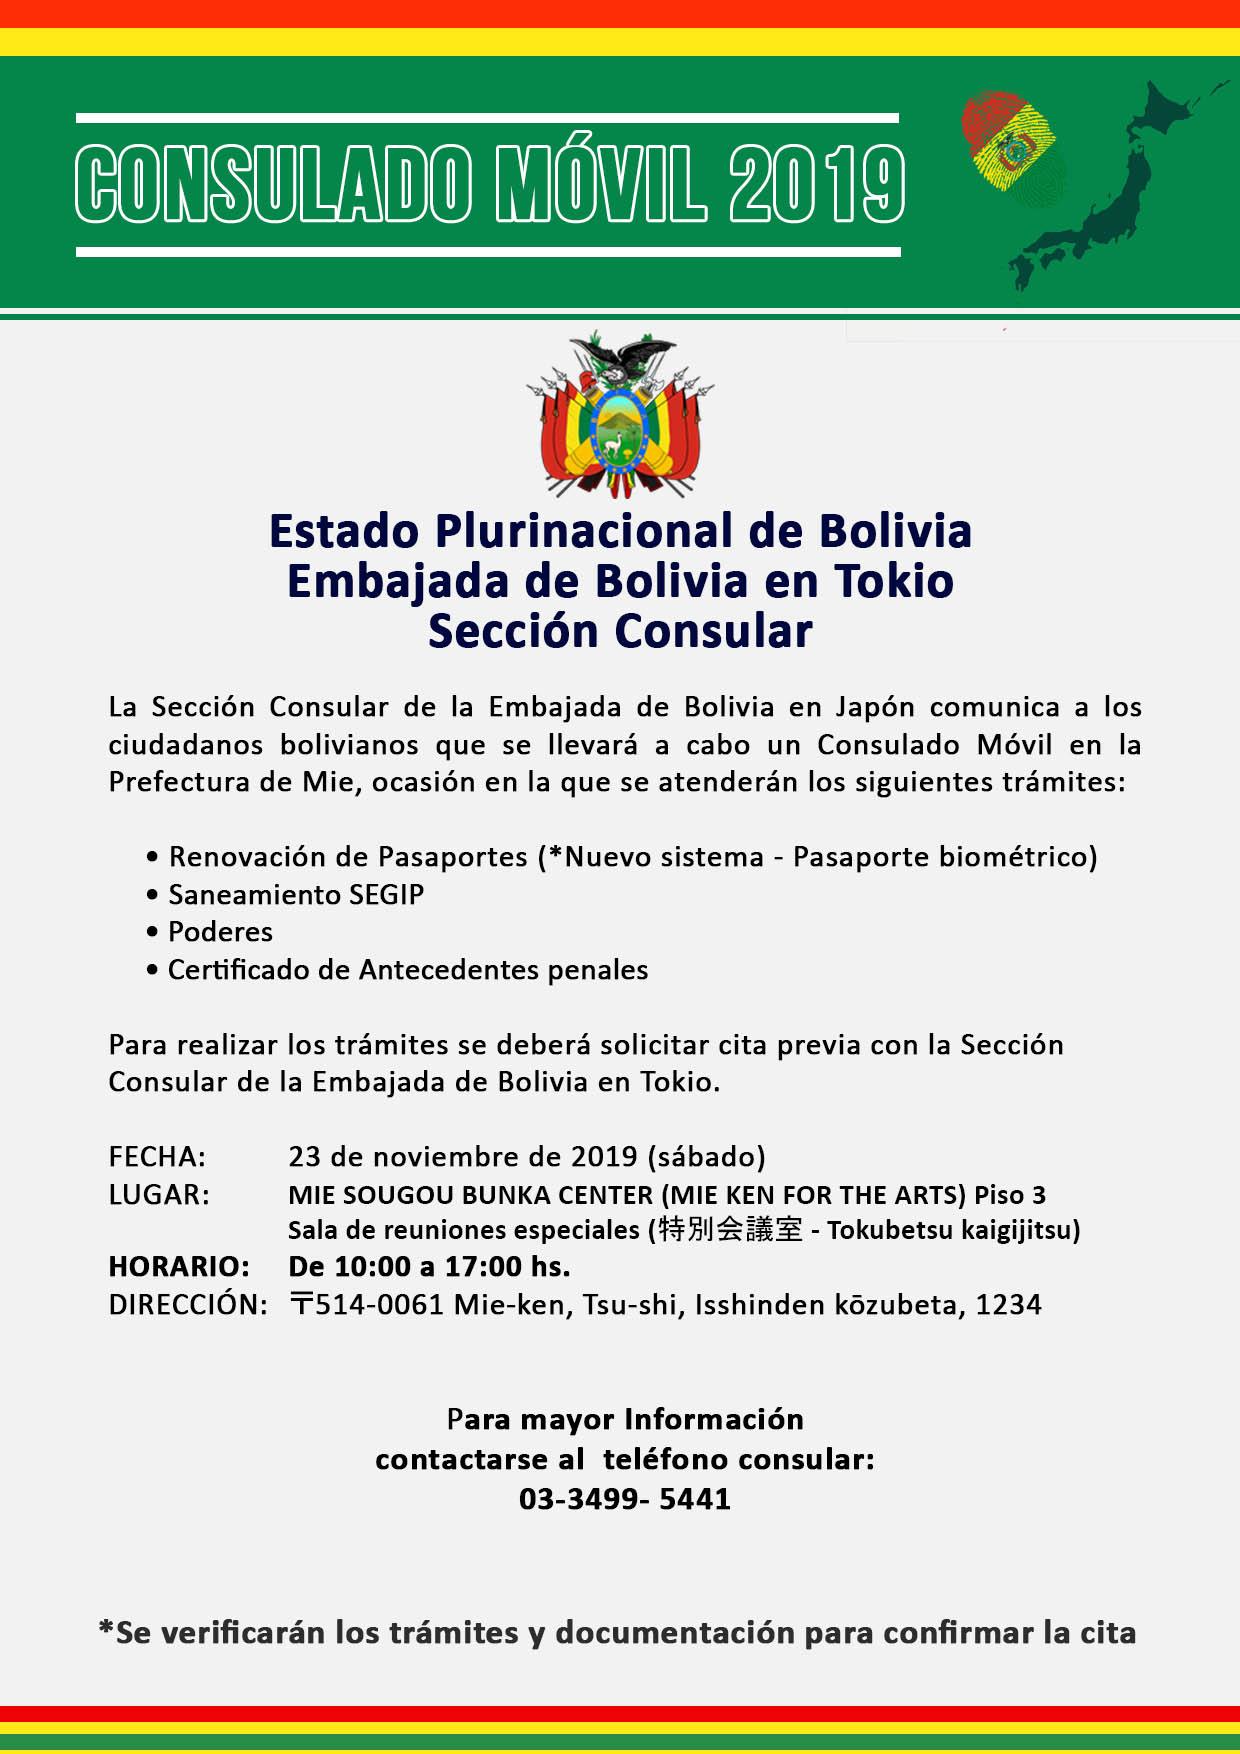 &nbspConsulado Móvil en Mie - Embajada de Bolivia